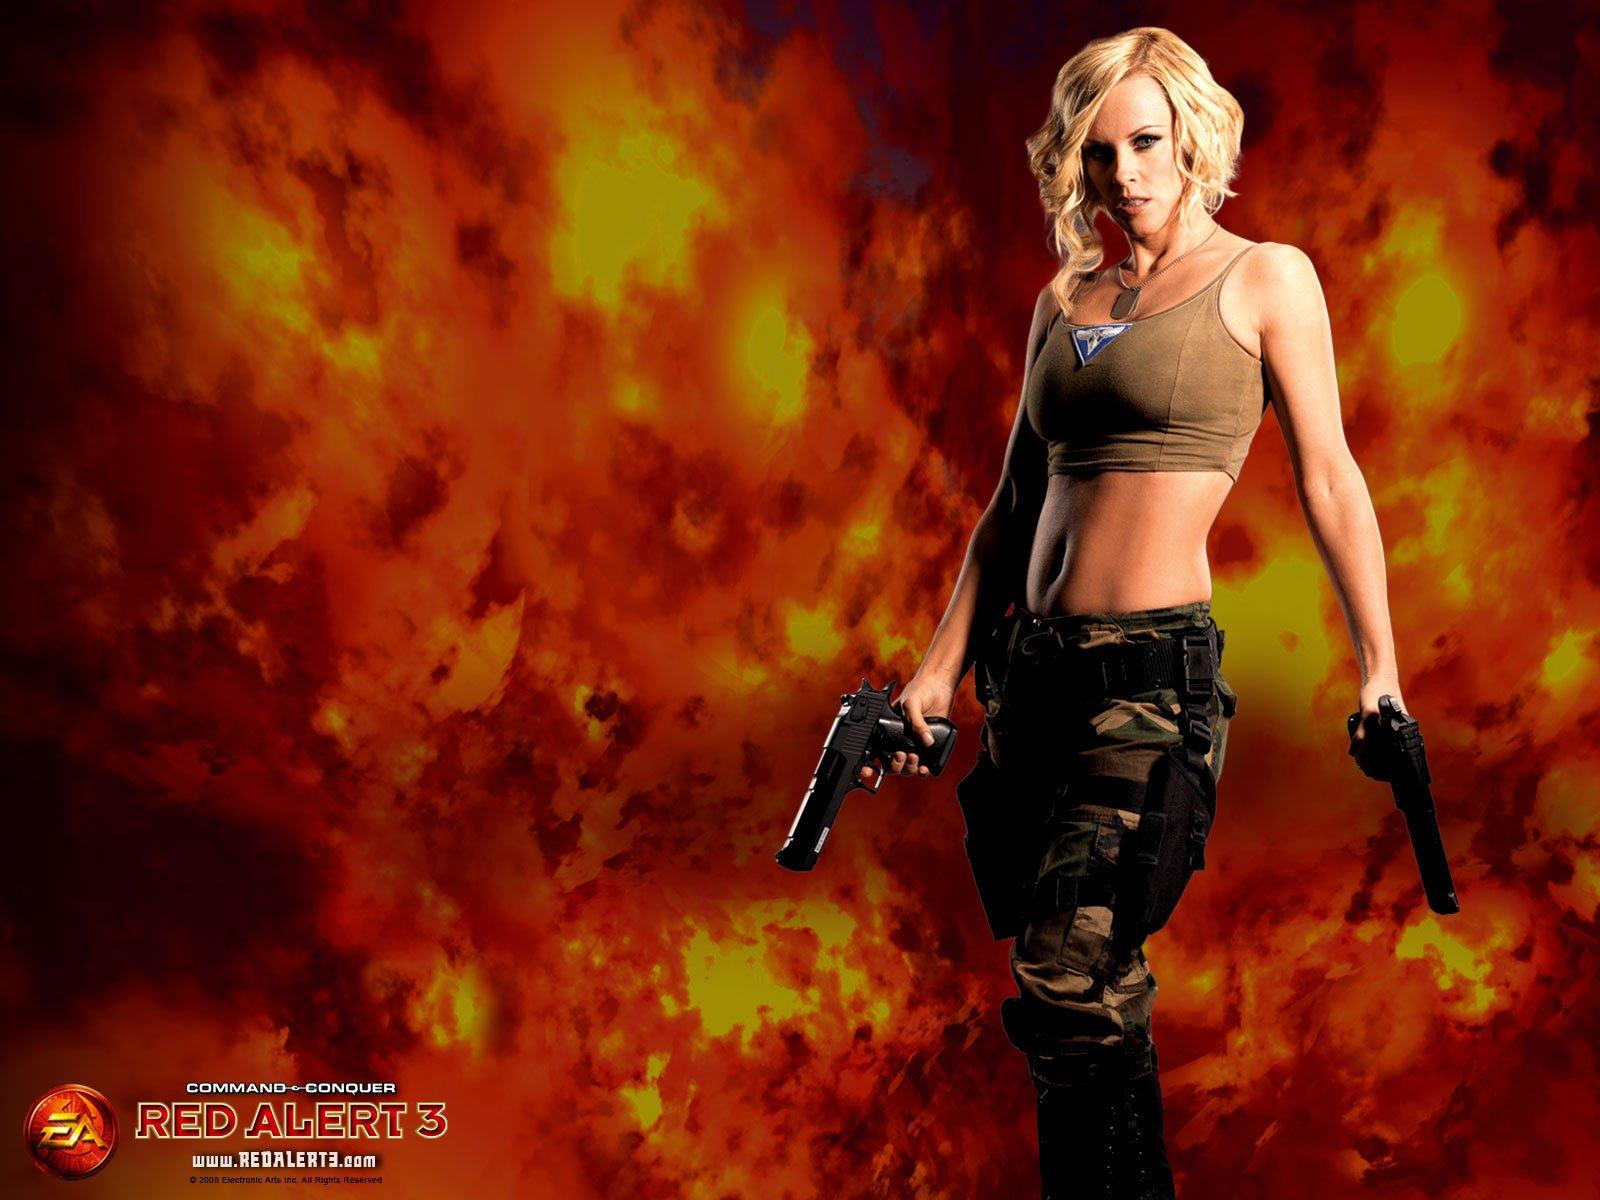 http://2.bp.blogspot.com/_nD_YgZuOadA/TI2LX95QA-I/AAAAAAAAAxA/wrlNLK2Tu3o/s1600/Tanya3.jpg